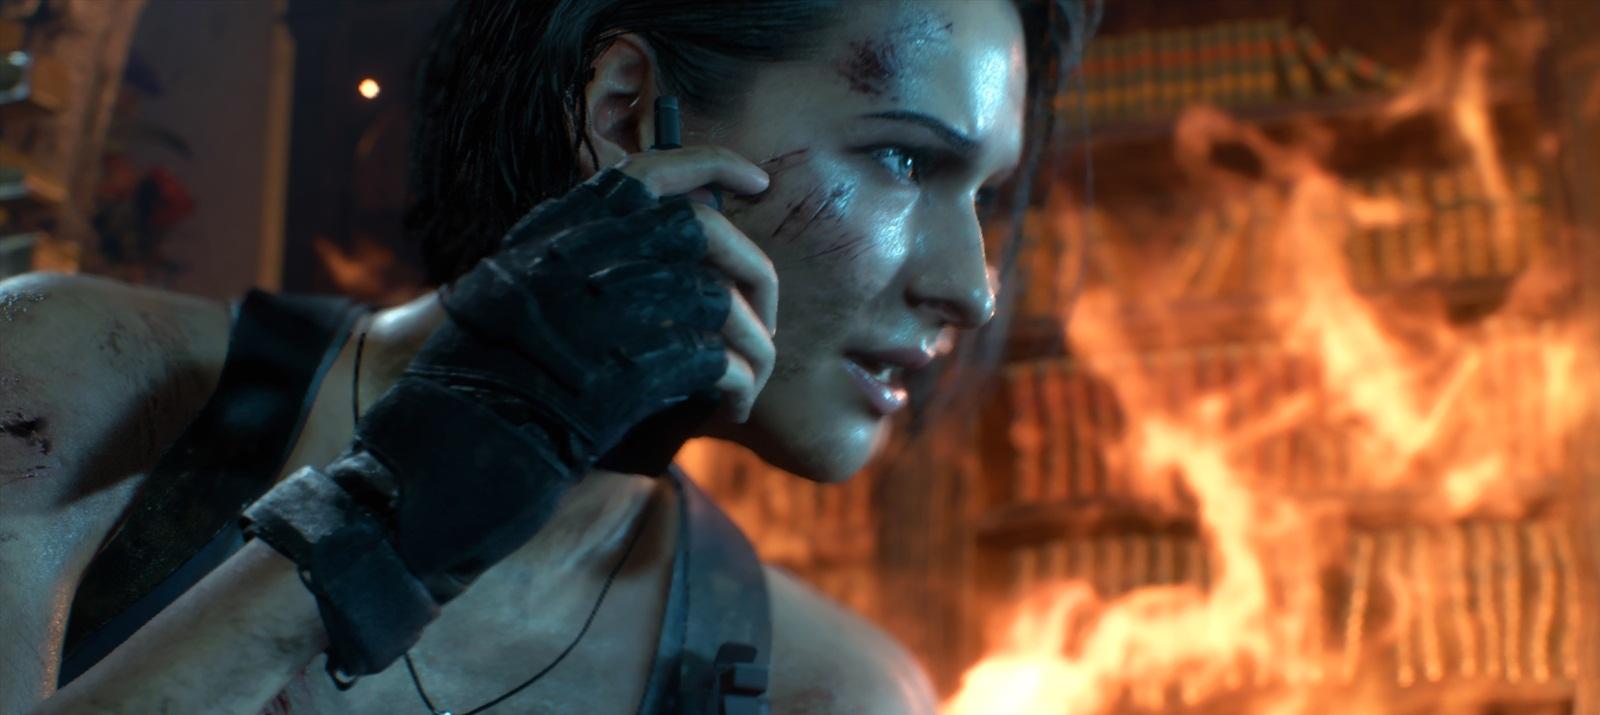 Дважды в одну реку: Обзор Resident Evil 3 Remake